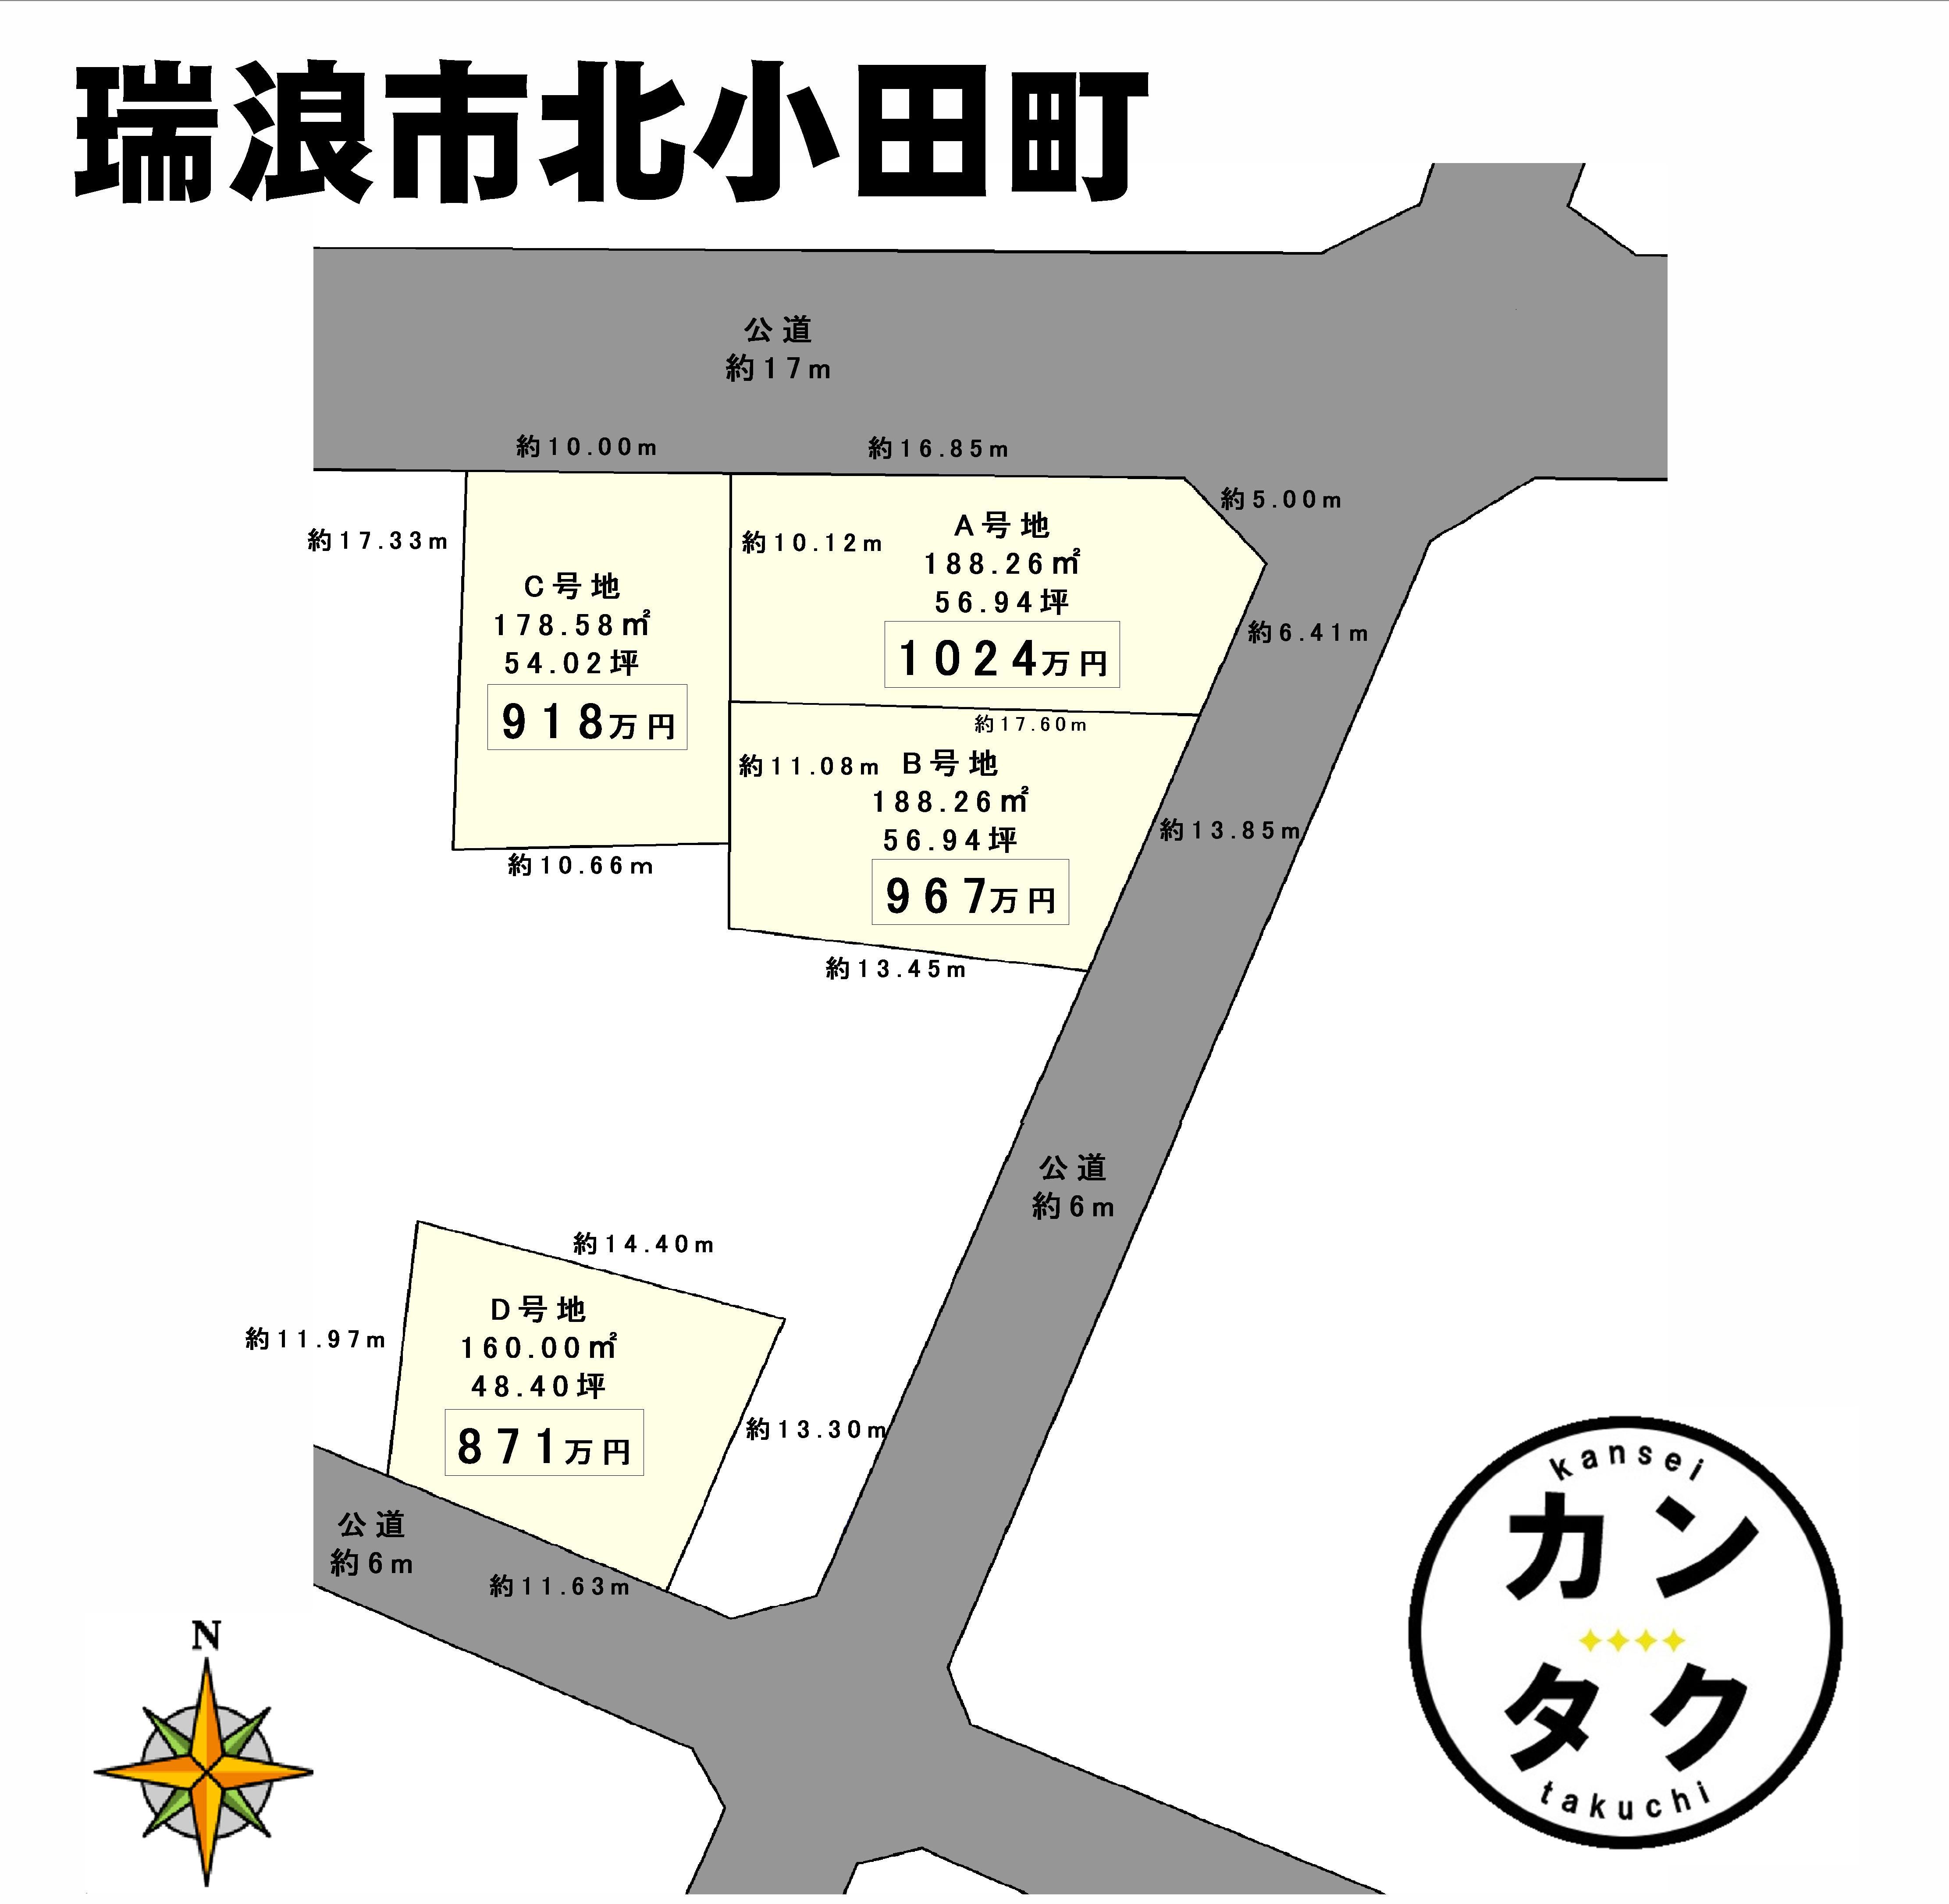 瑞浪市北小田町4区画分譲19号至近のおすすめ物件です